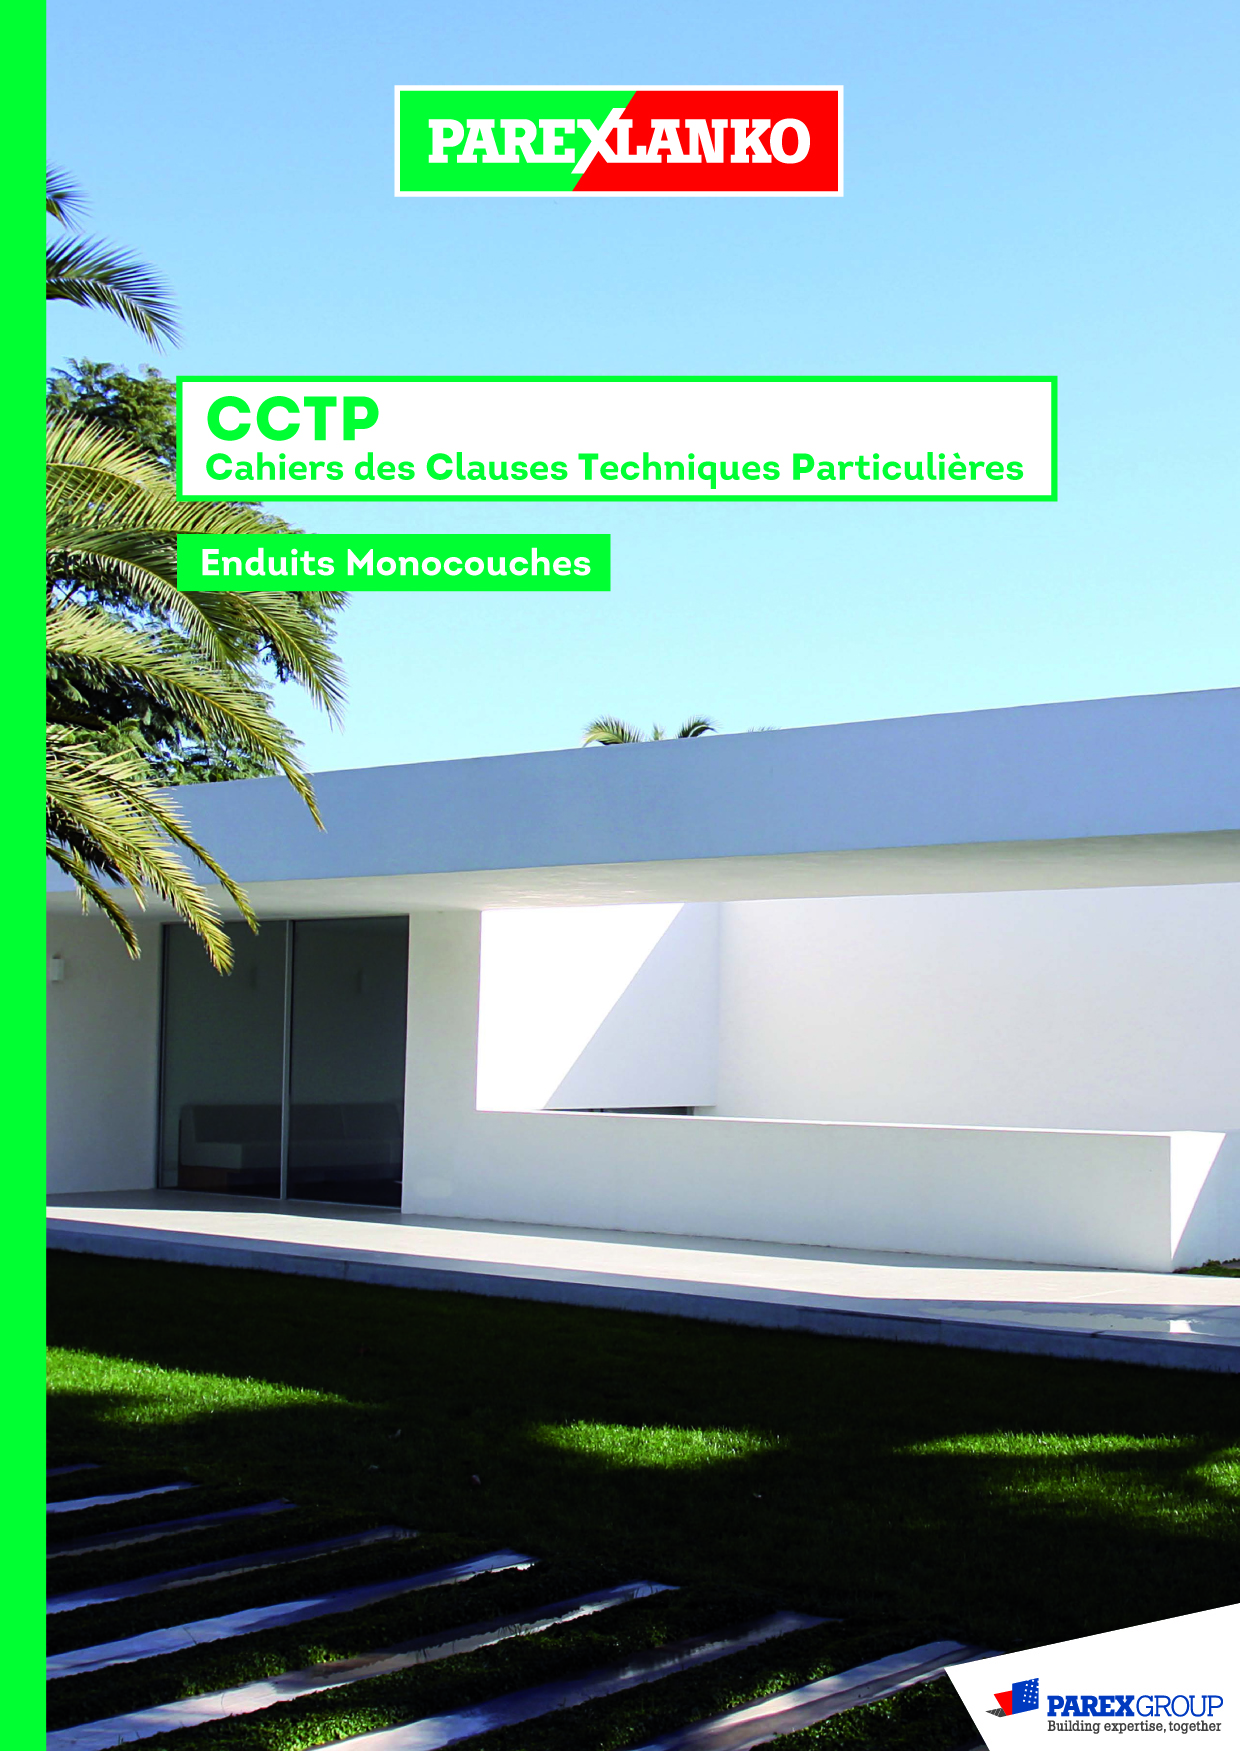 cctp enduit monocouche parexlanko traitement de facade. Black Bedroom Furniture Sets. Home Design Ideas